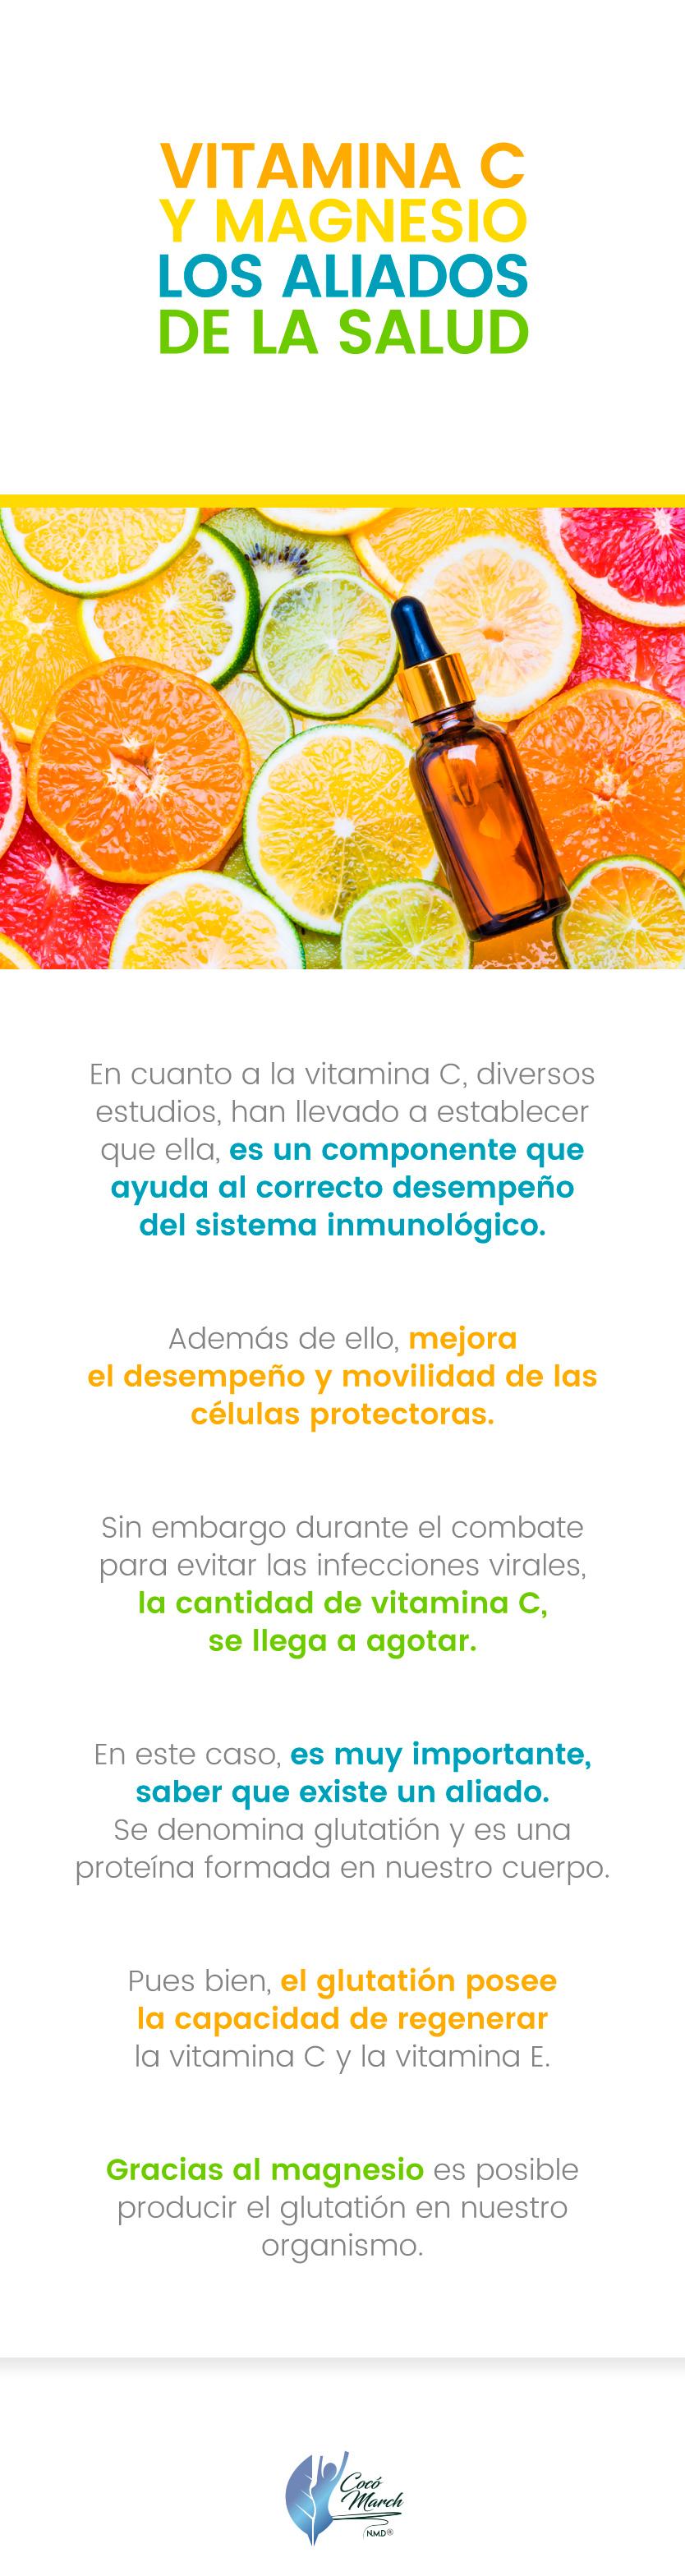 vitamina-c-y-aliados